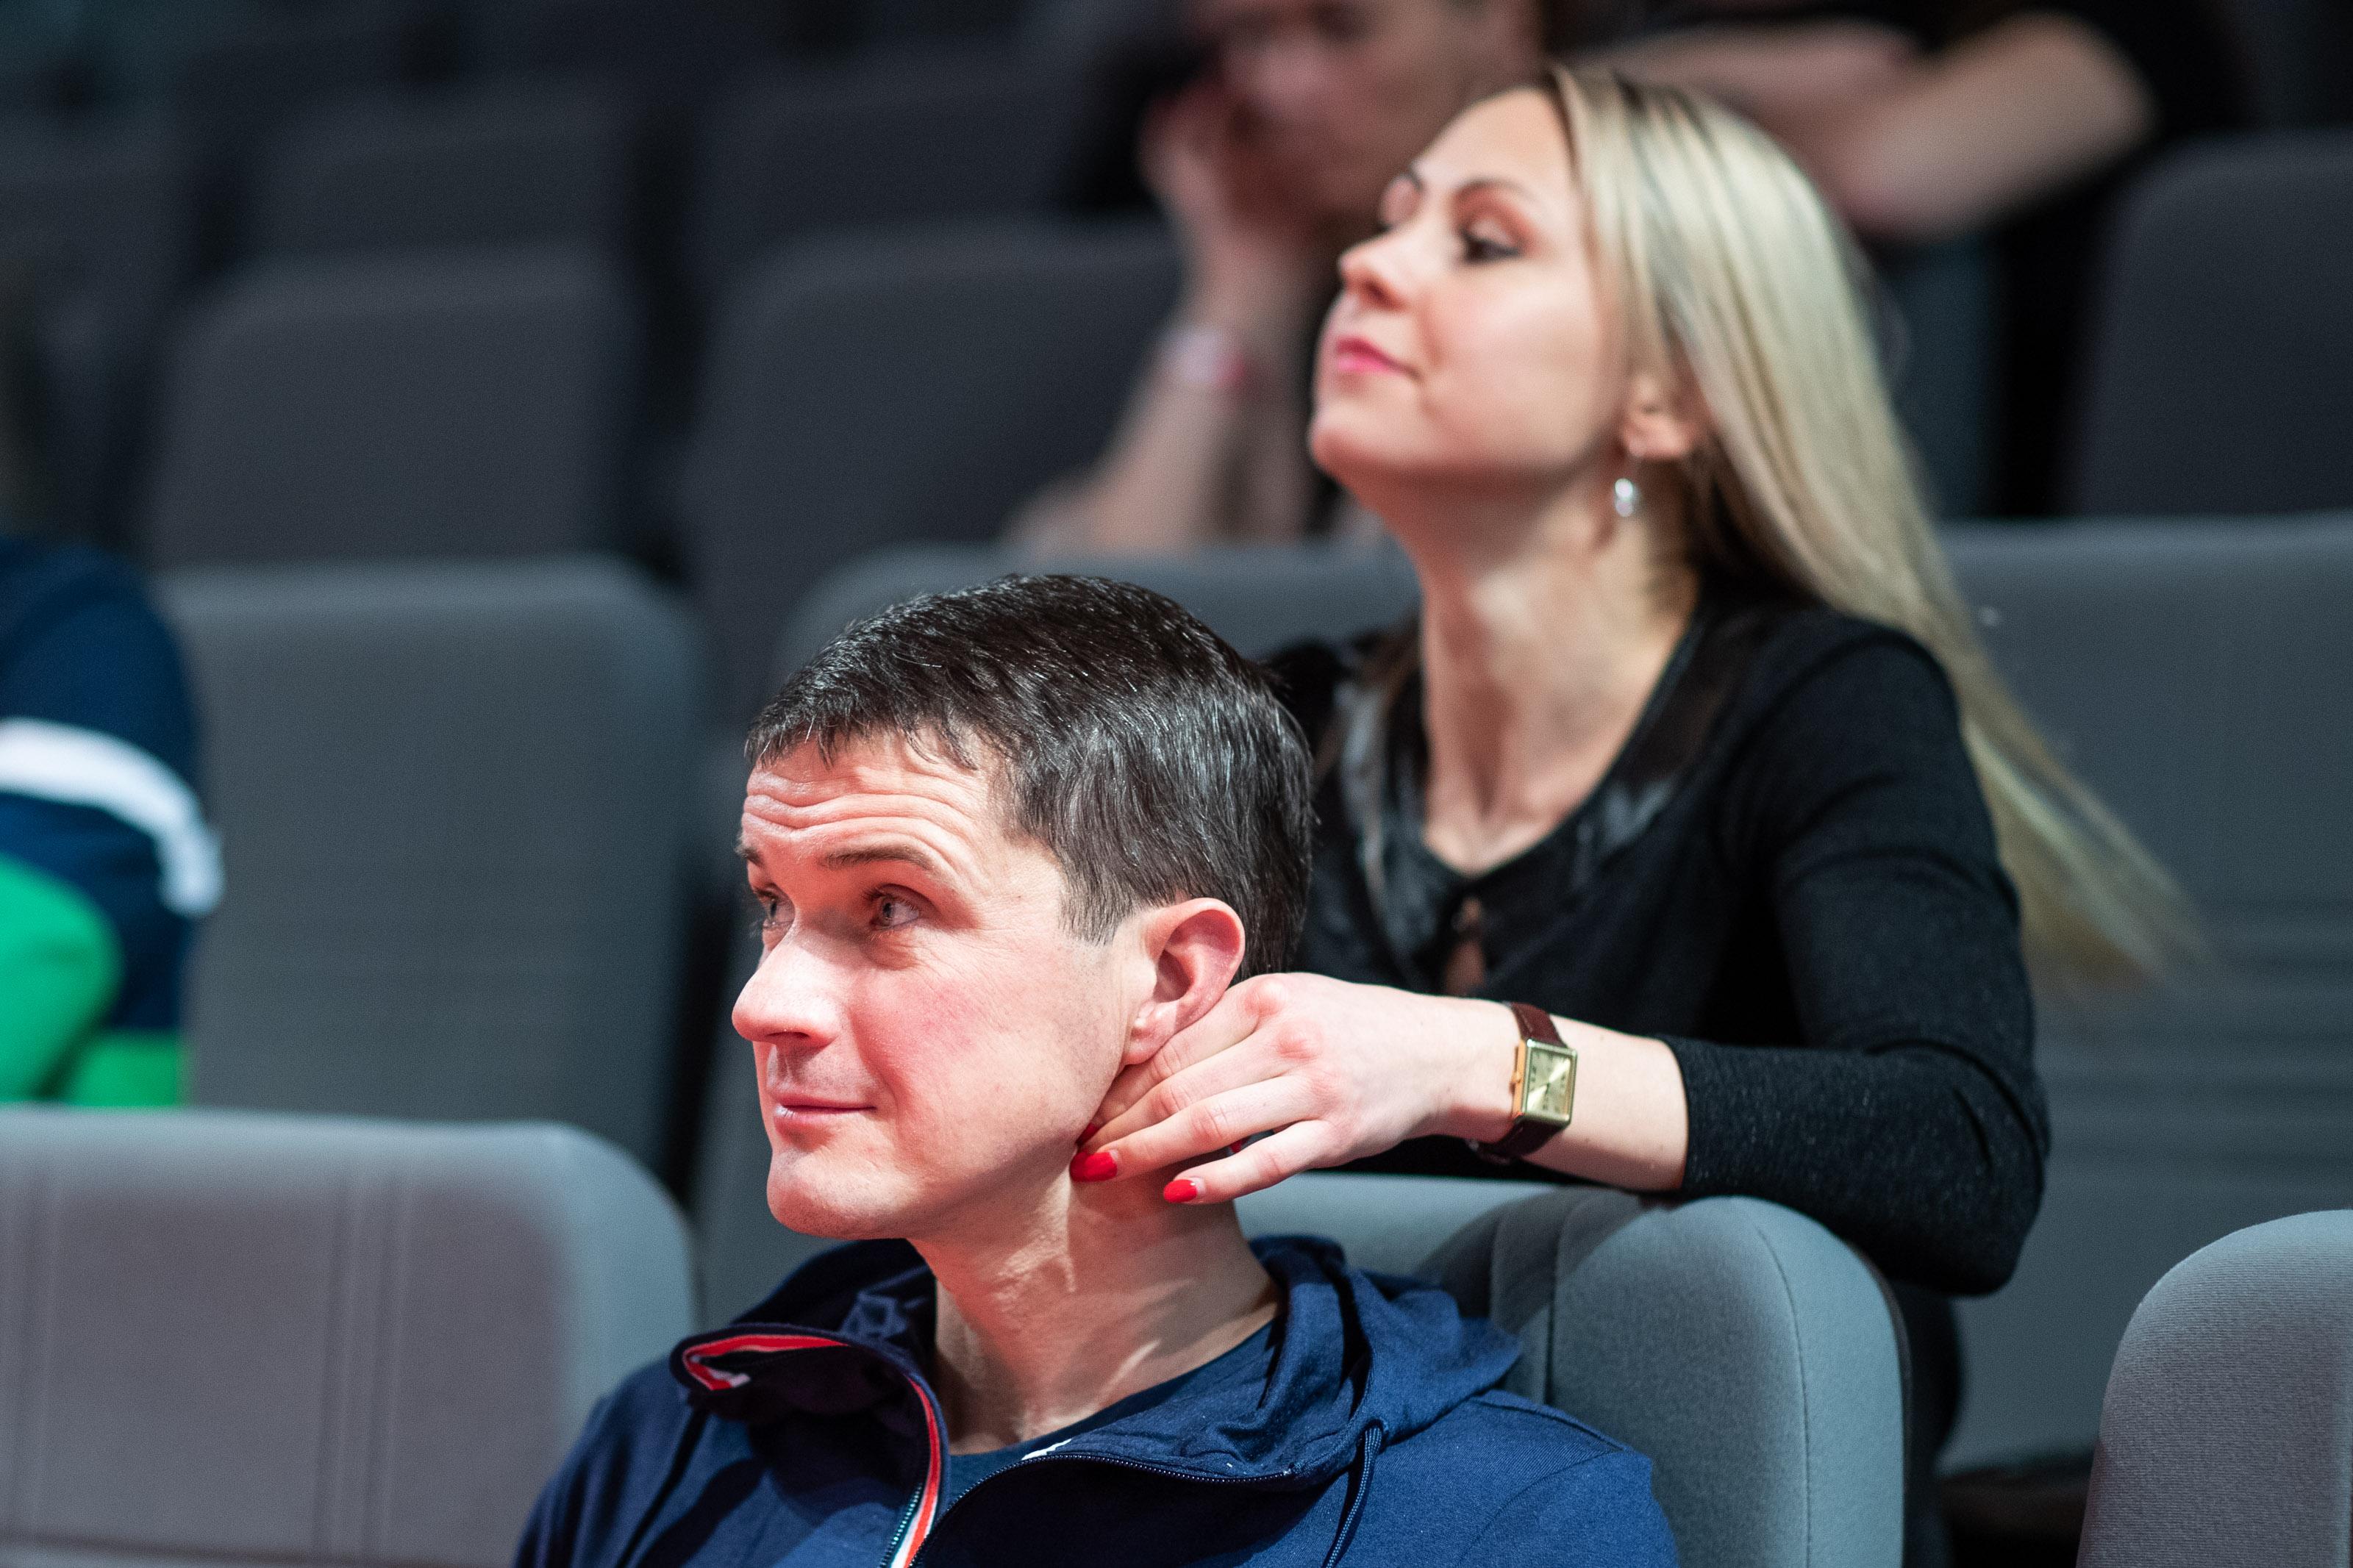 Po seminaro garsus medikas rado laiko ir olimpiečių terapijai   Rengėjų nuotr.